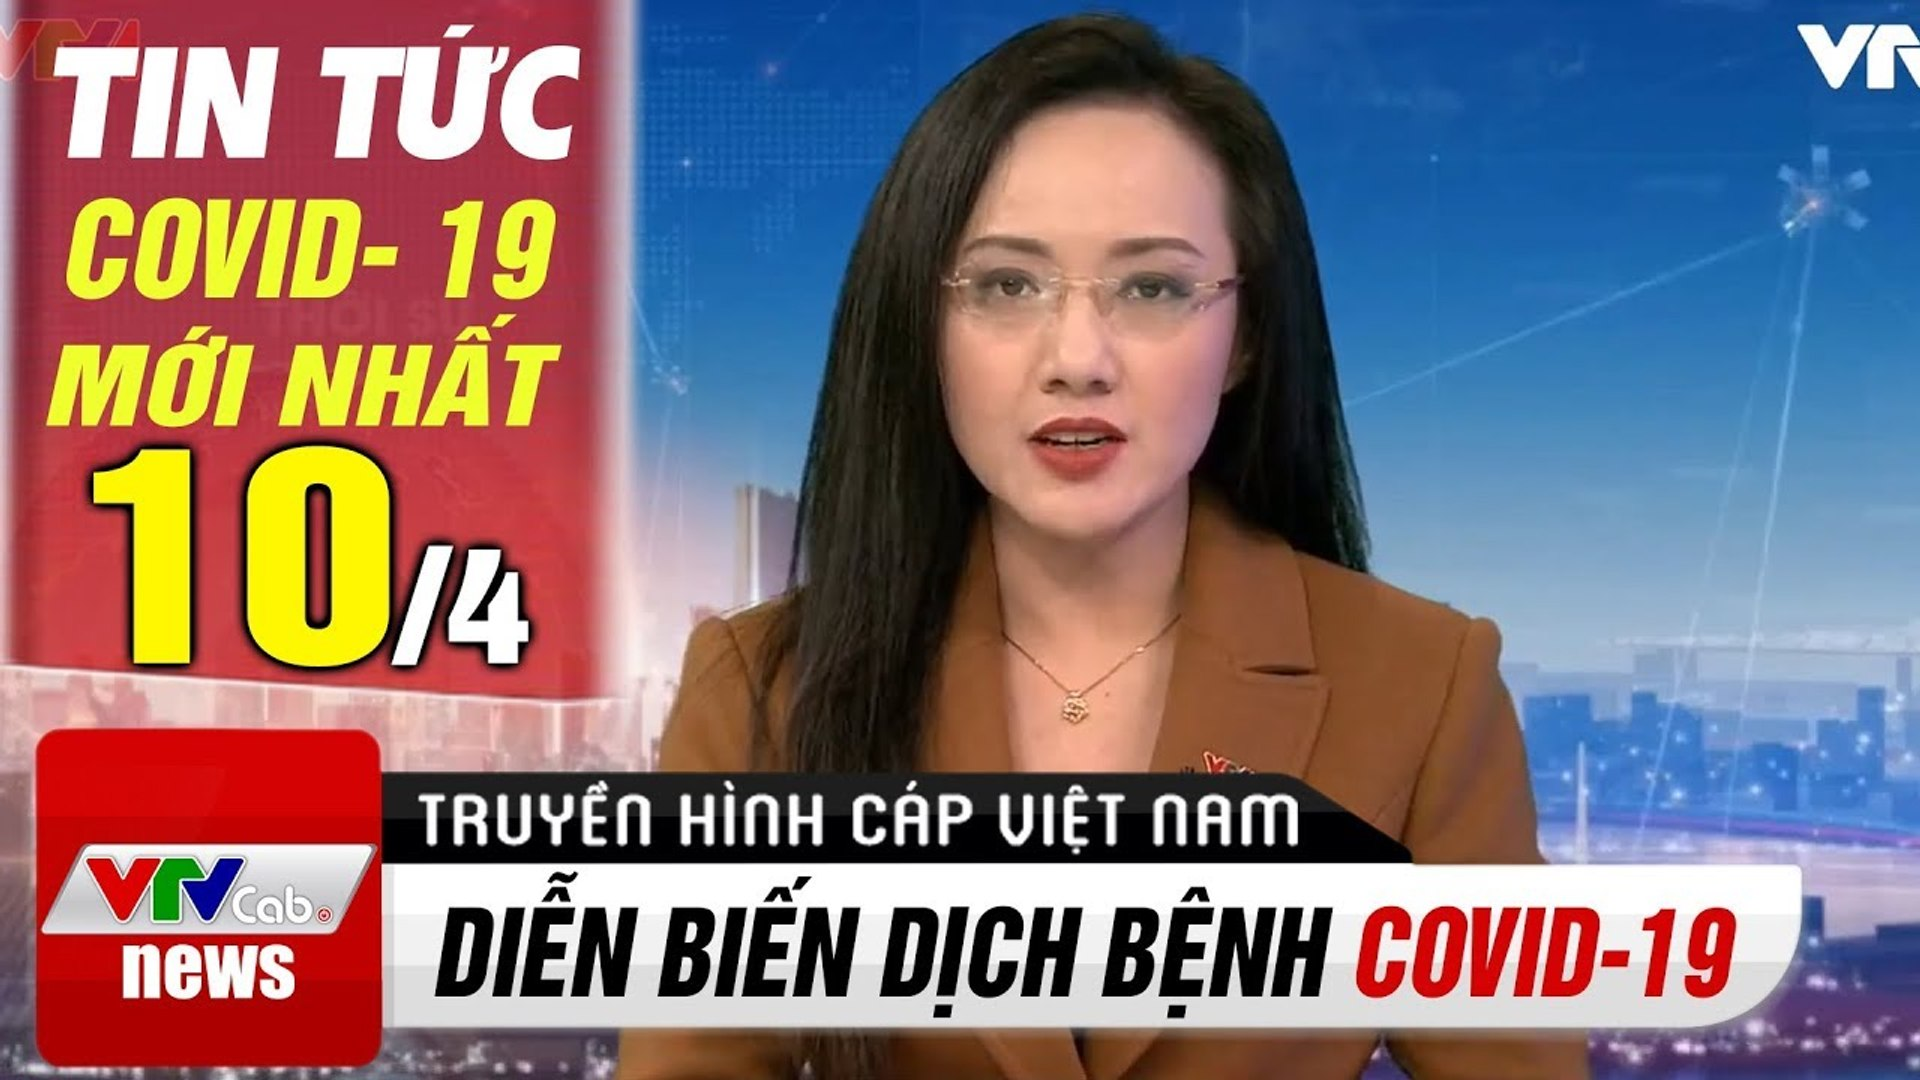 VTV1 Covid 19: Kẻ Thù Vô Hình | Cập Nhật Tin Tức Dịch Bệnh Covid- 19 Hôm Nay Ngày 10/4